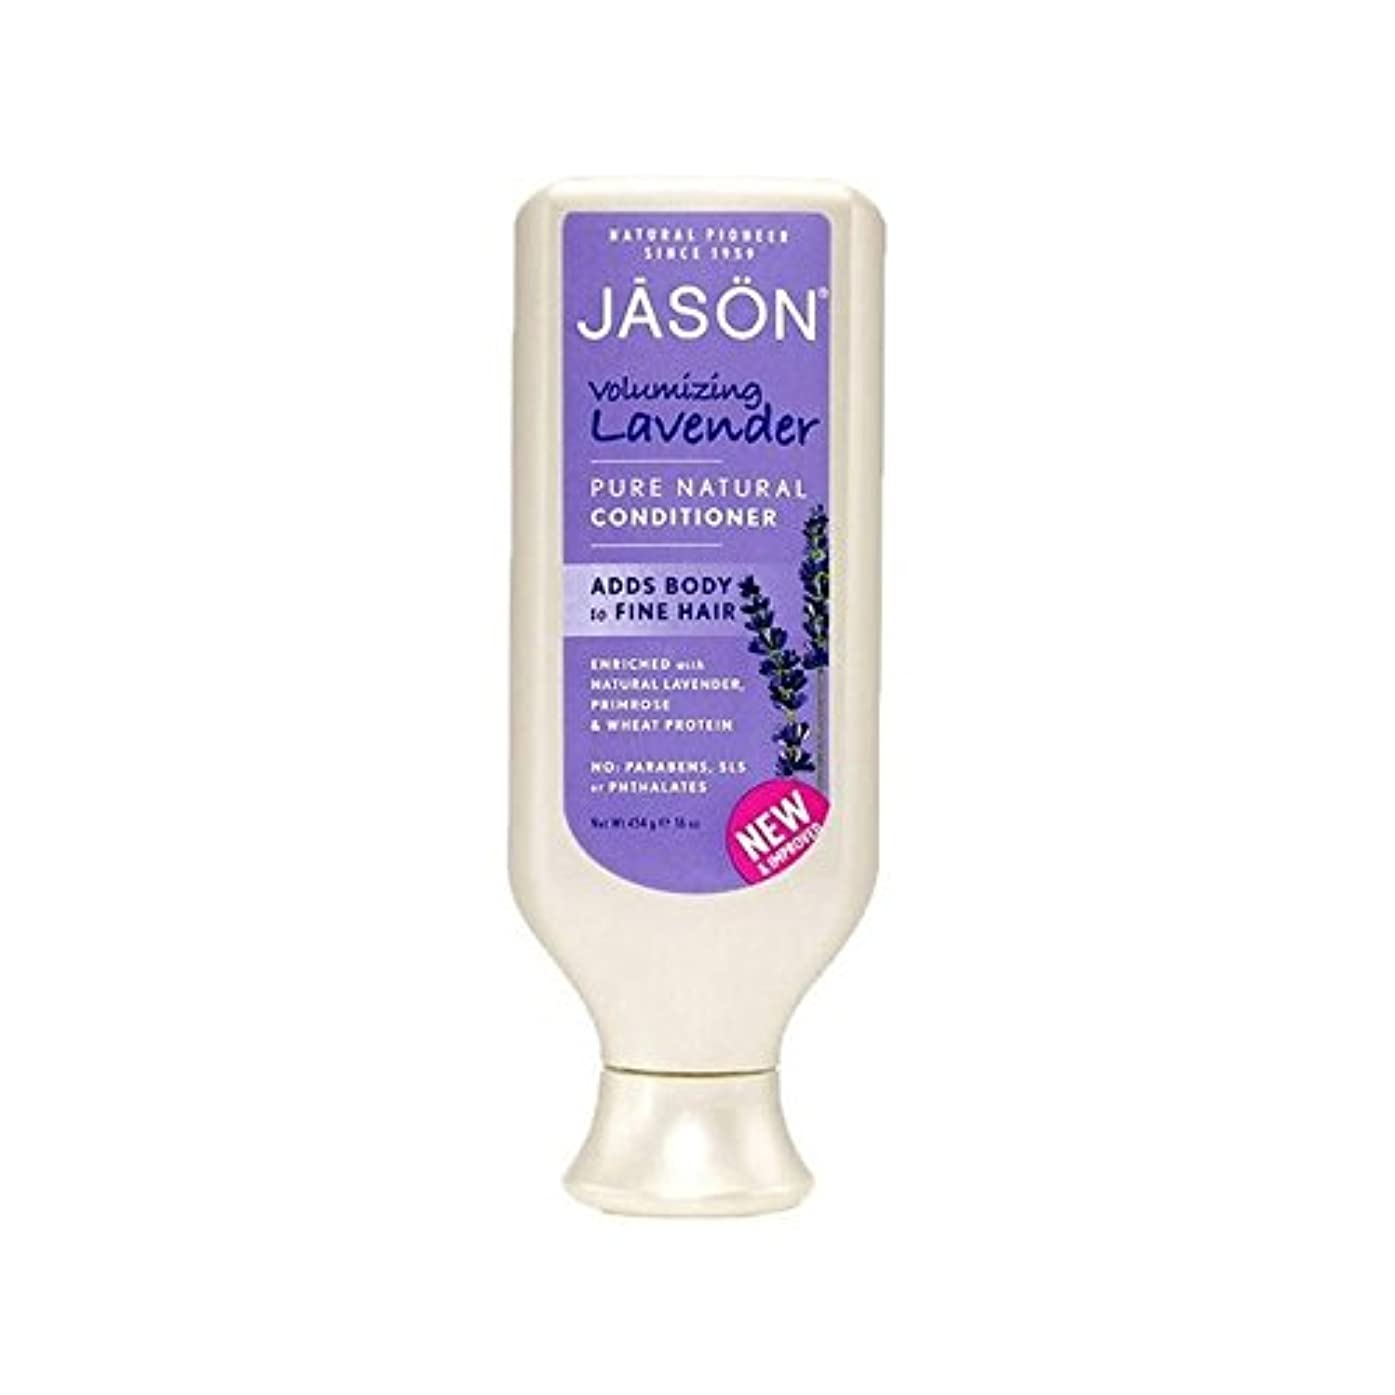 吸収法的原理Jason Natural Lavender Conditioner (454G) - ジェイソン自然ラベンダーコンディショナー(454グラム) [並行輸入品]